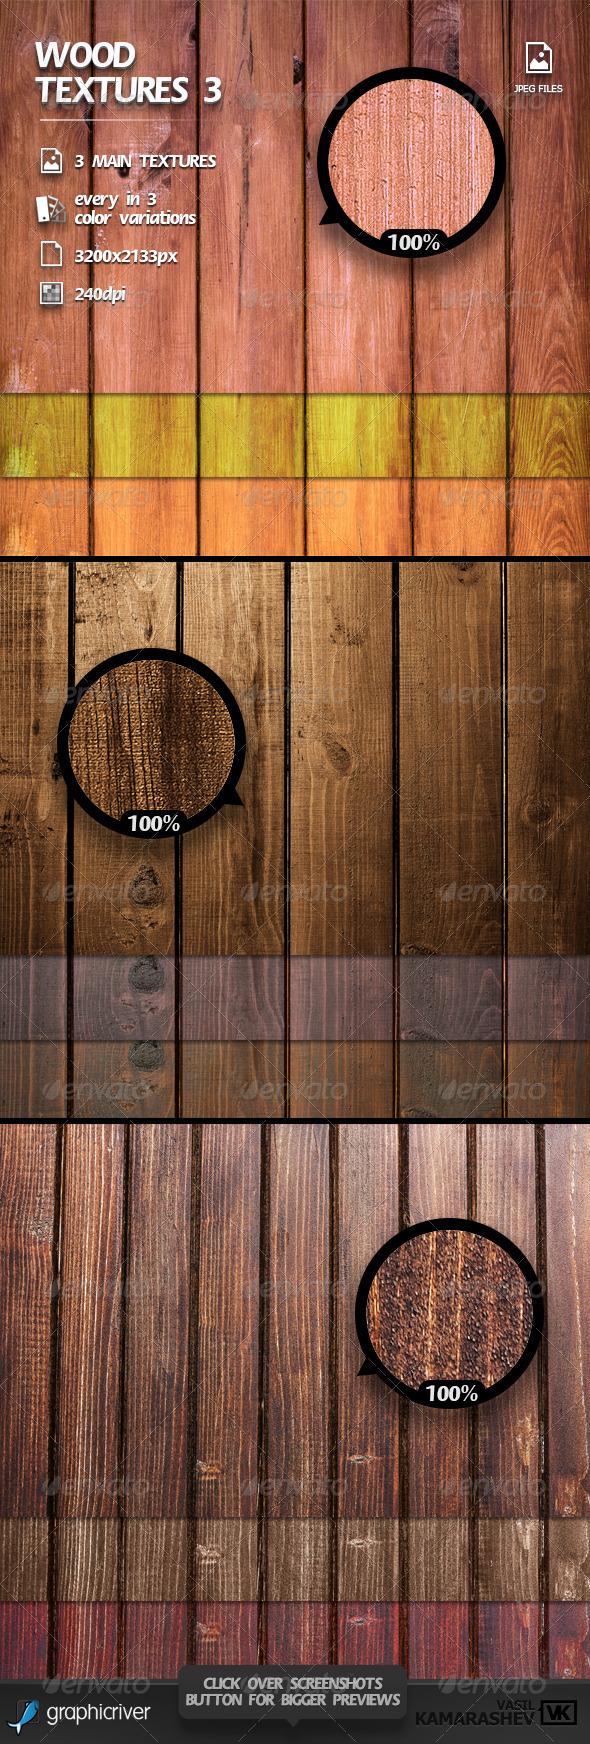 Wood Textures 3 - Wood Textures